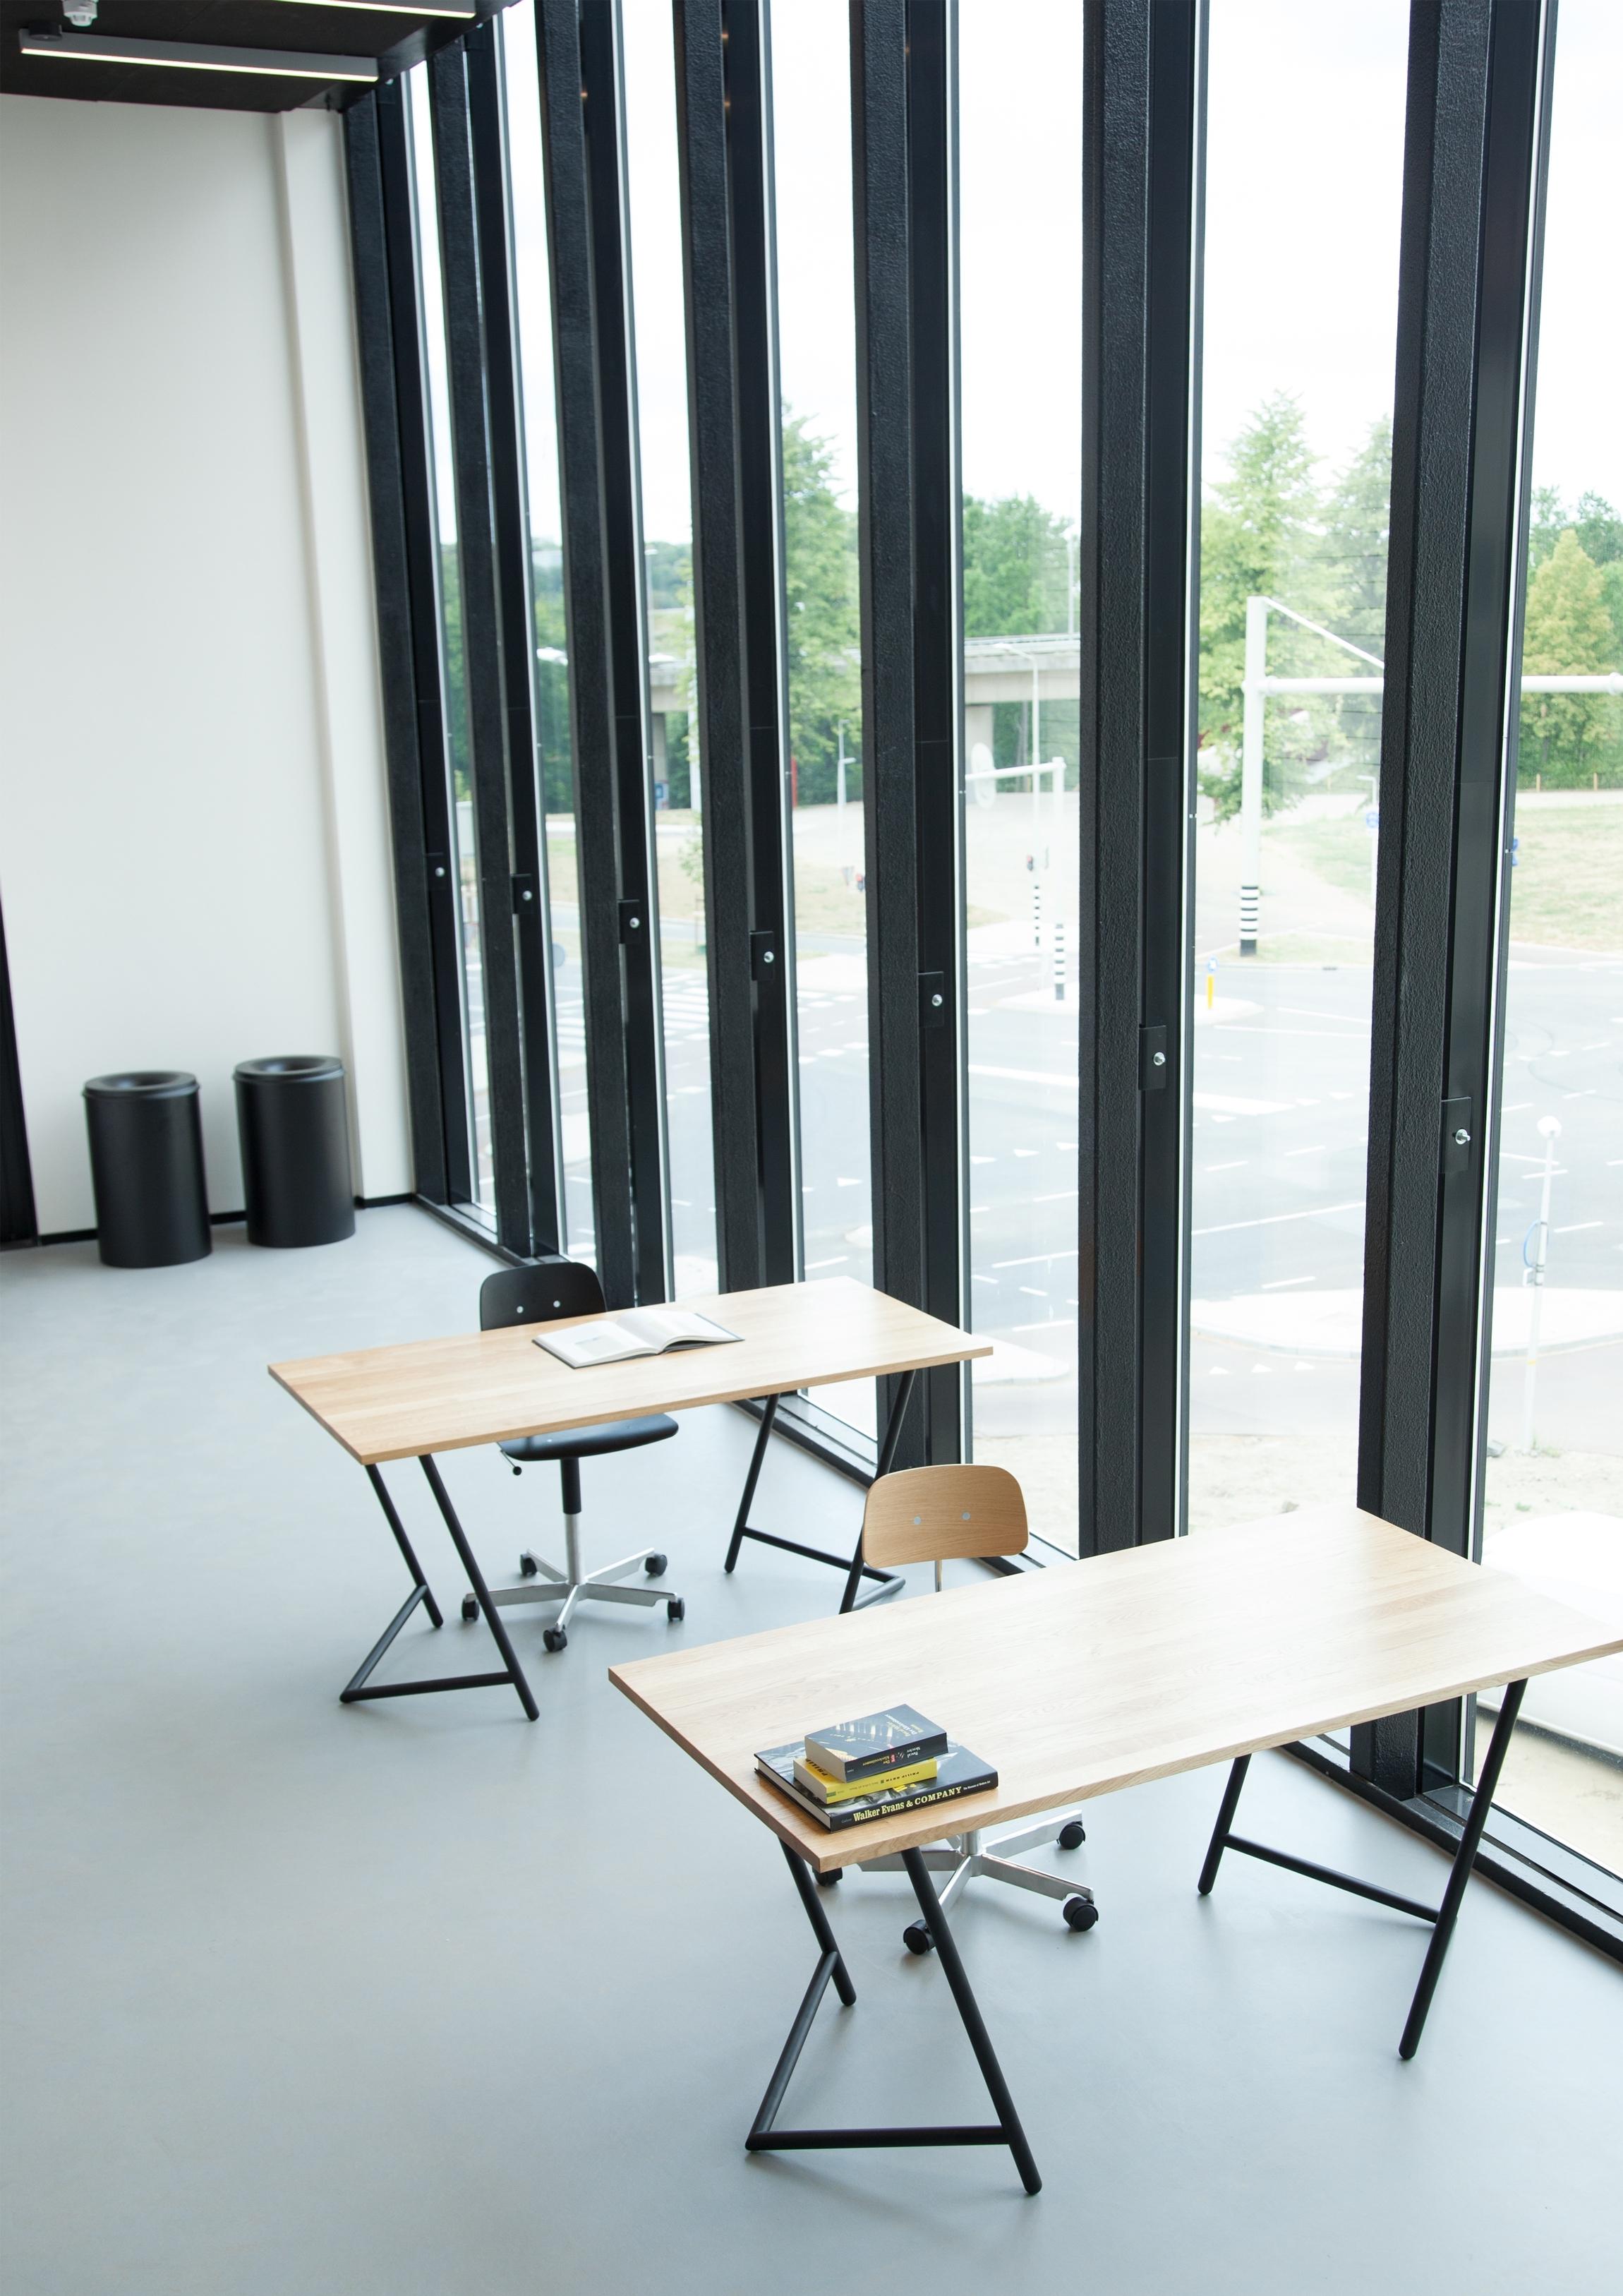 Projekte Varius zwei von oben Maastricht